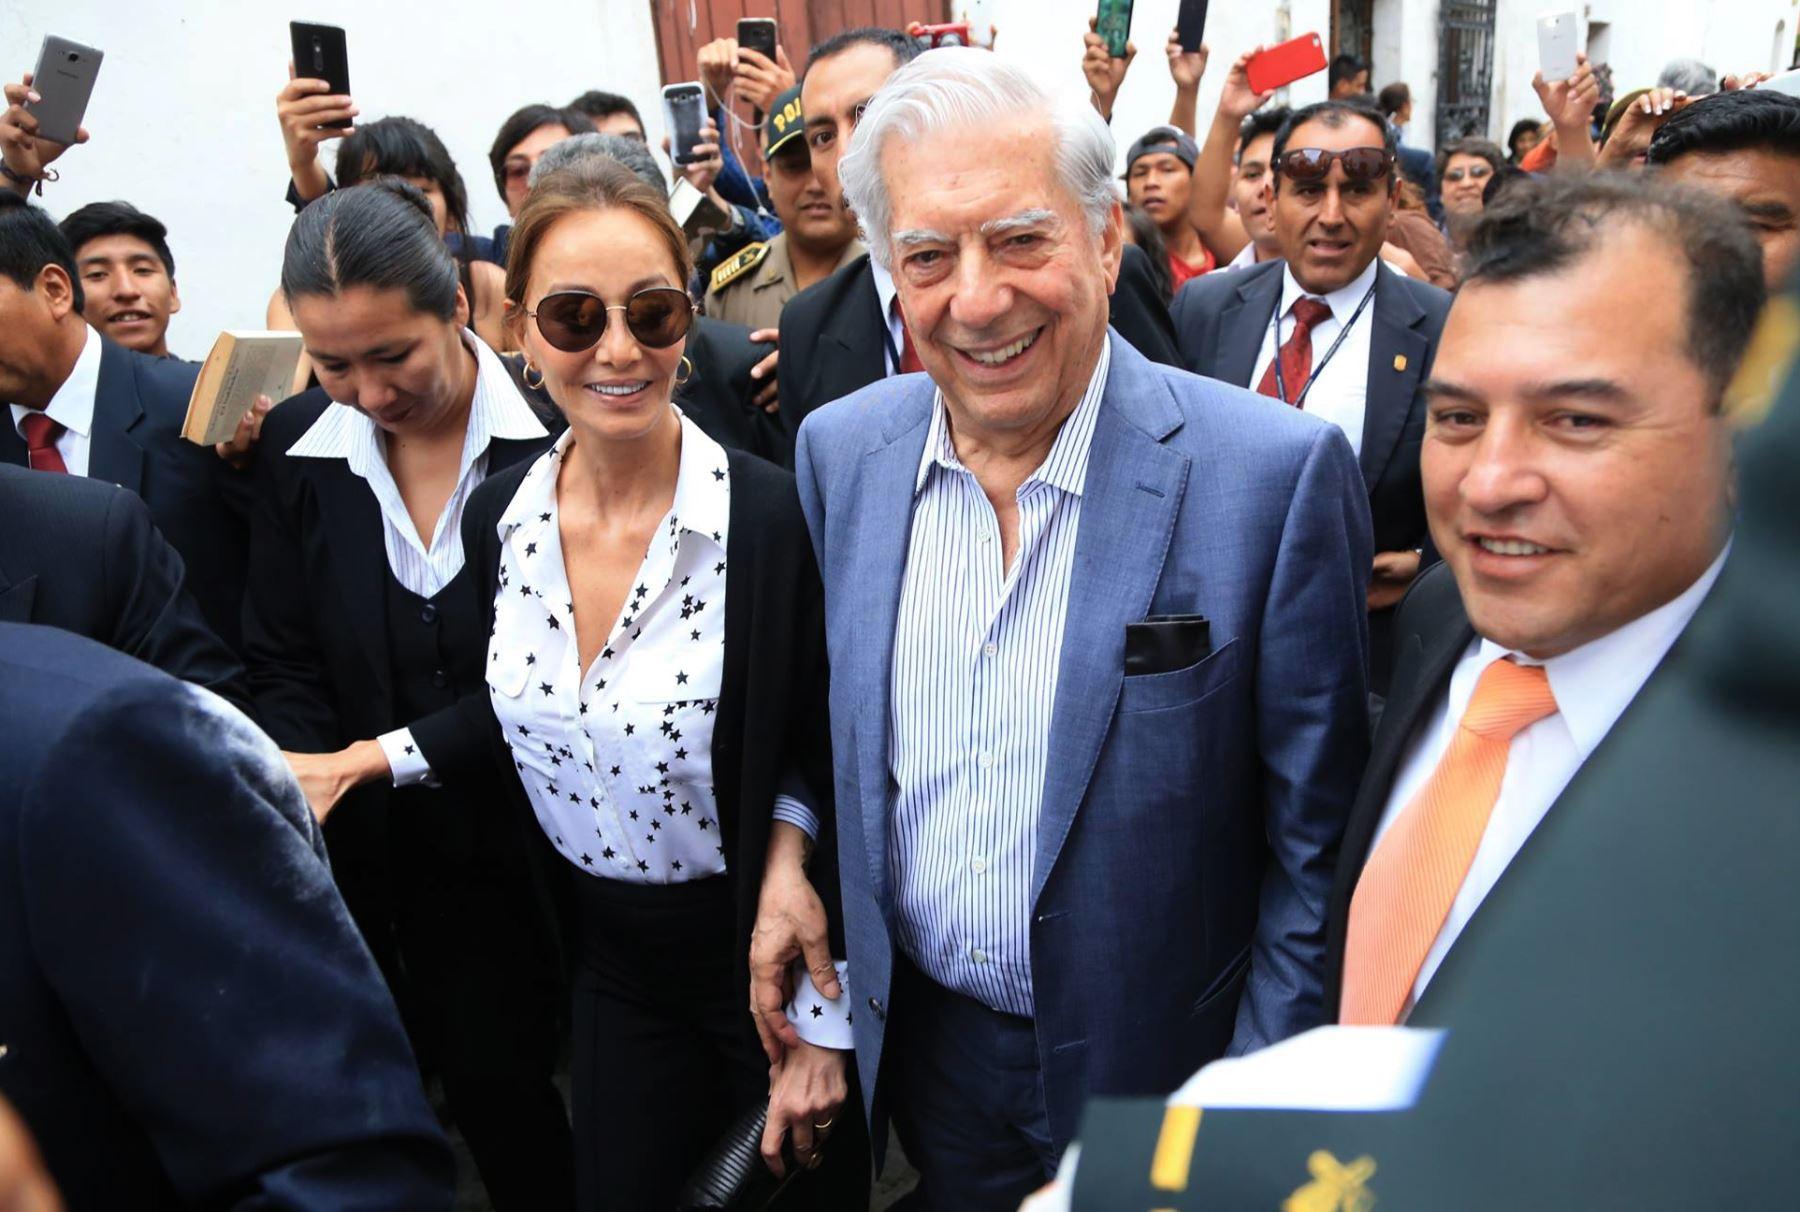 AREQUIPA, PERÚ-MARZO 28. Mario Vargas Llosa en ceremonia de entrega de libros a biblioteca que lleva su nombre, en Arequipa. Foto: ANDINA/Carlos Lezama.